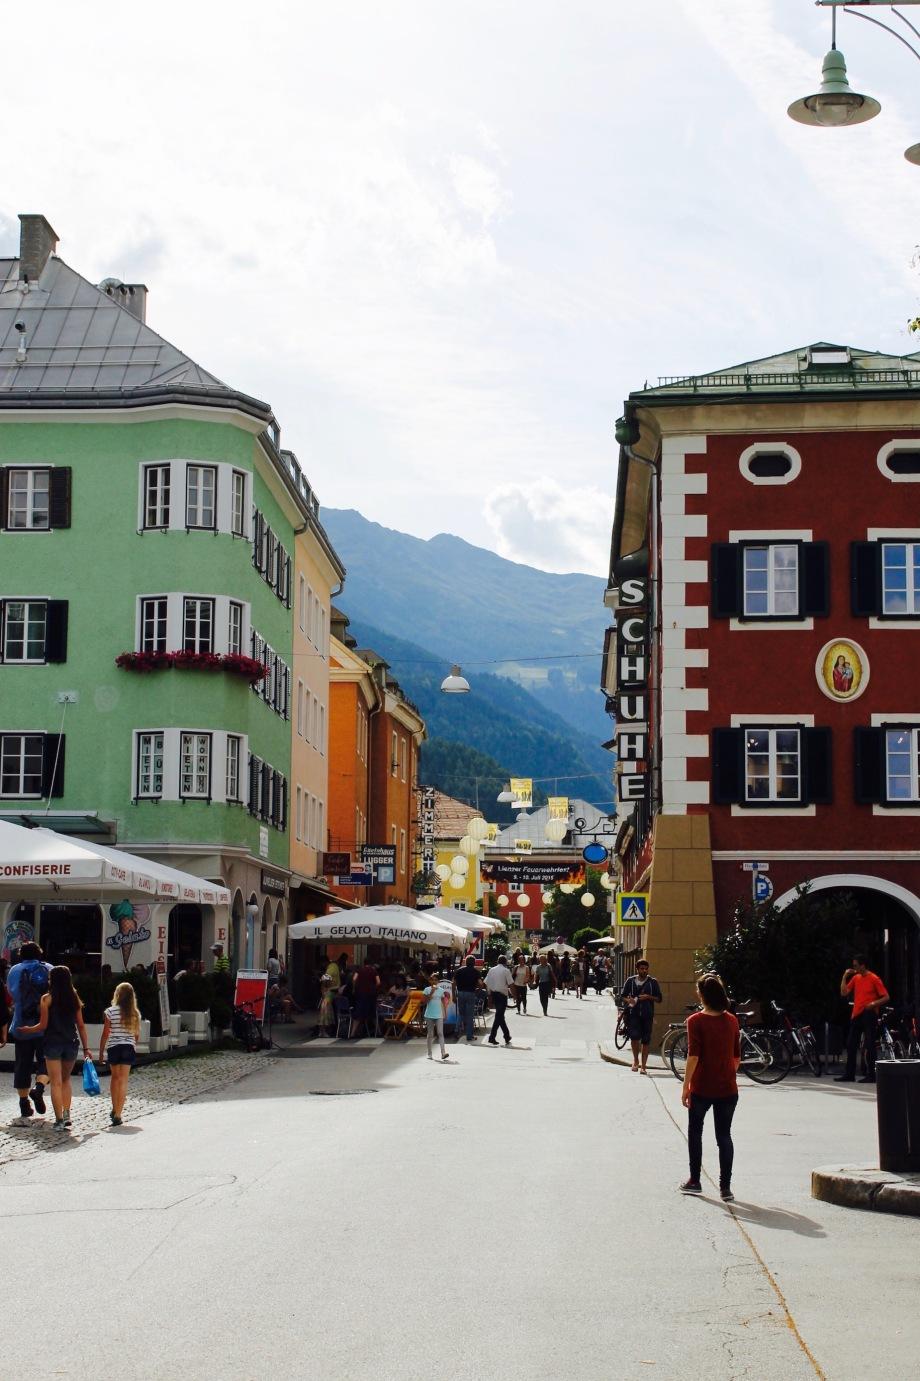 Lienz_hauptplatz_beginning of pedestiran zone